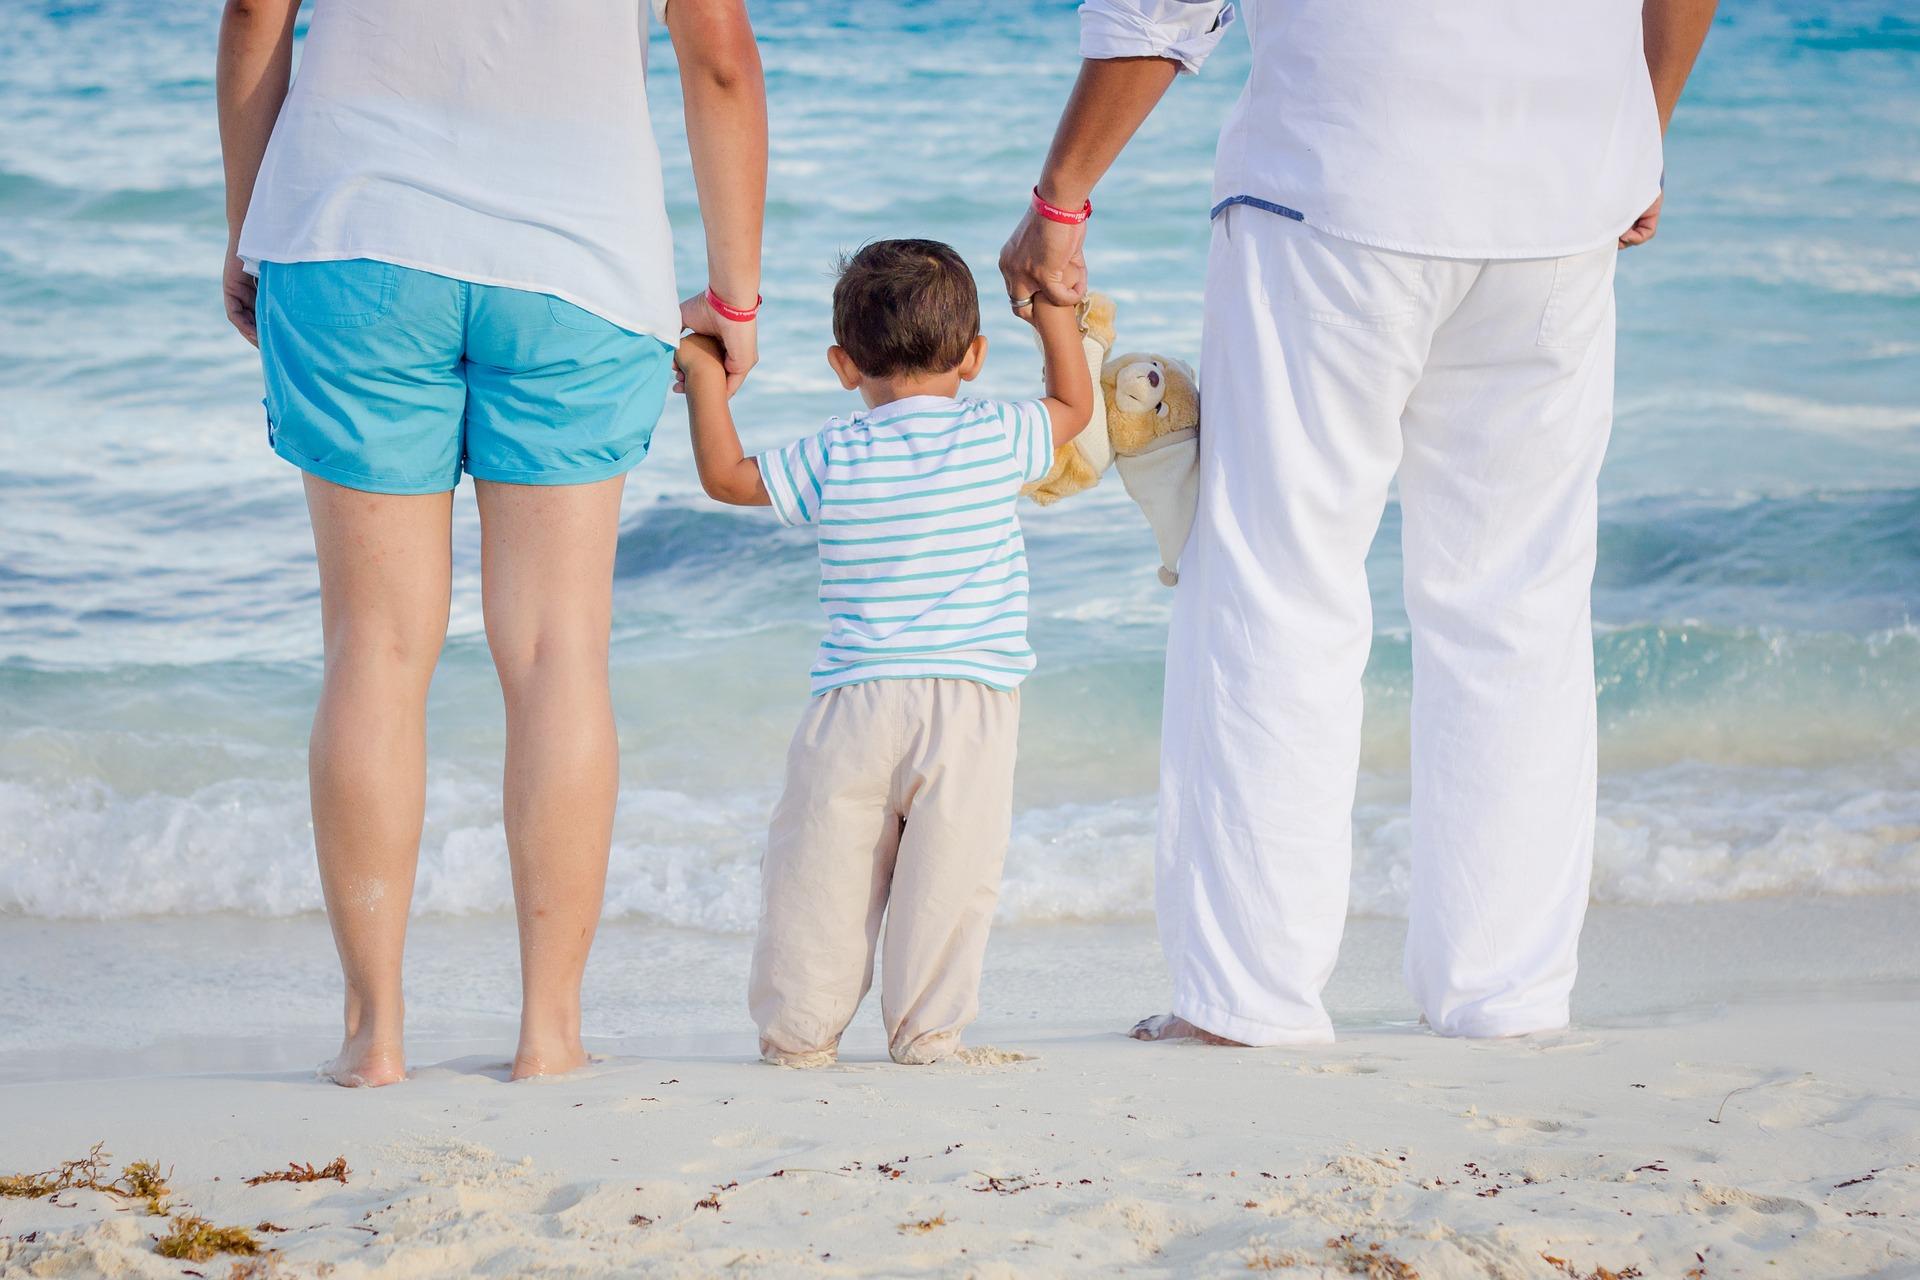 famille au bord de la plage vaccins vietnam